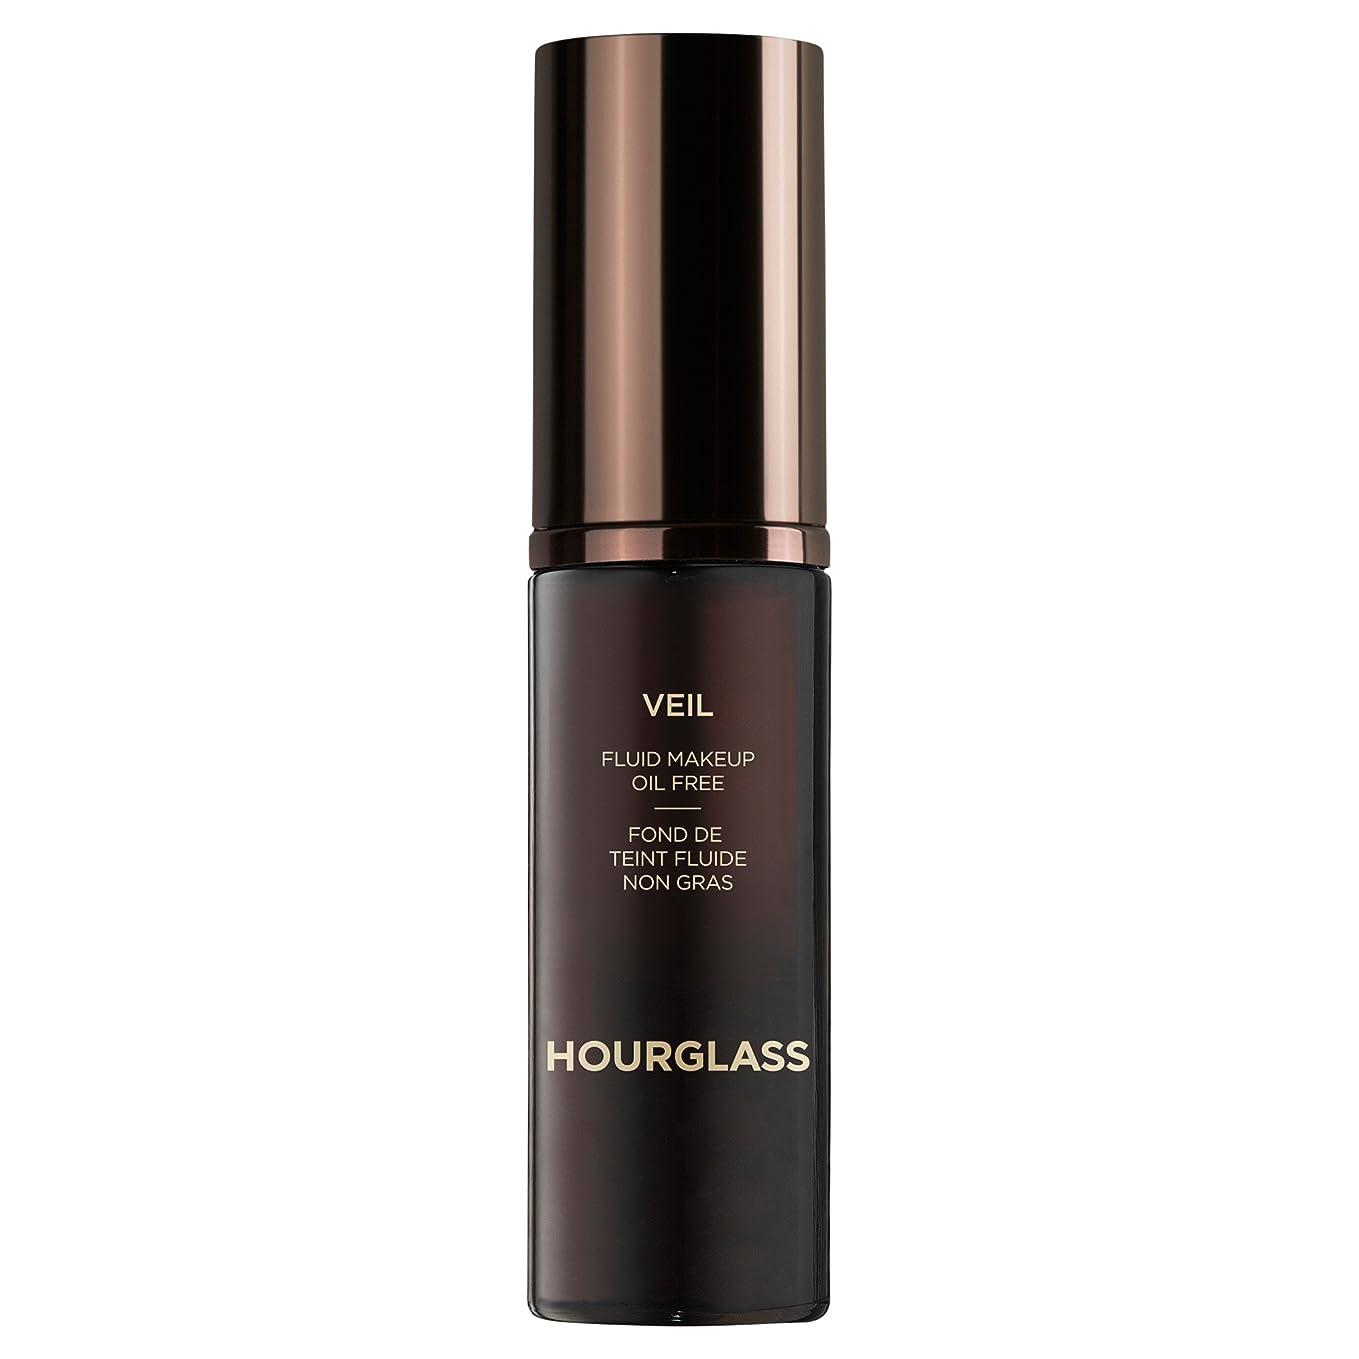 パネル重々しい誰の砂時計ベール流体化粧暖かいベージュ (Hourglass) (x6) - Hourglass Veil Fluid Makeup Warm Beige (Pack of 6) [並行輸入品]